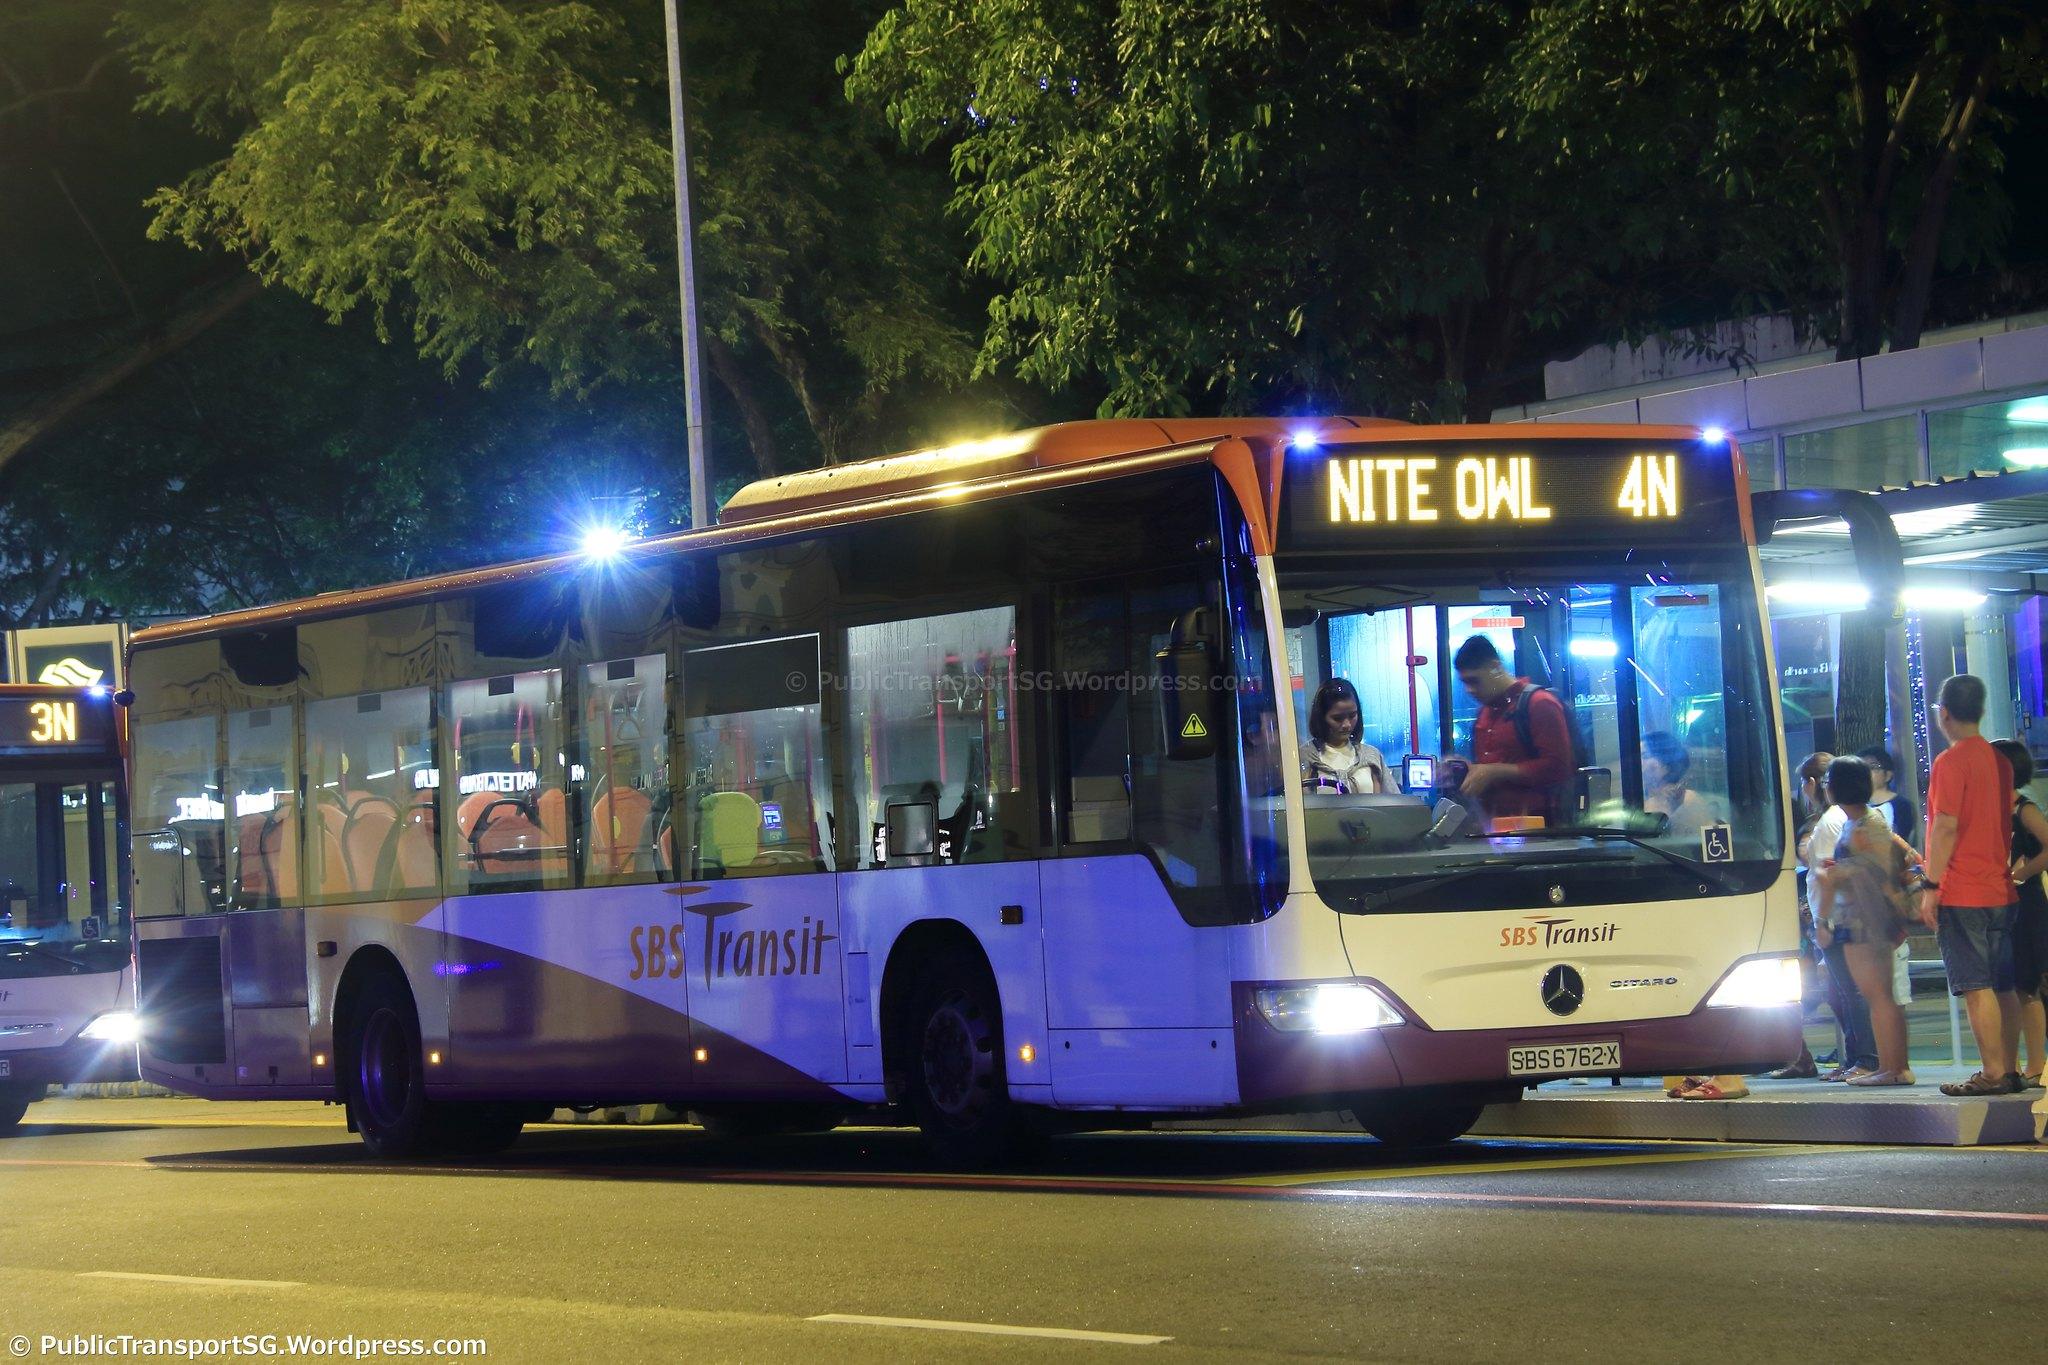 N Owl Next Bus SBS Transit Nite Owl 4...